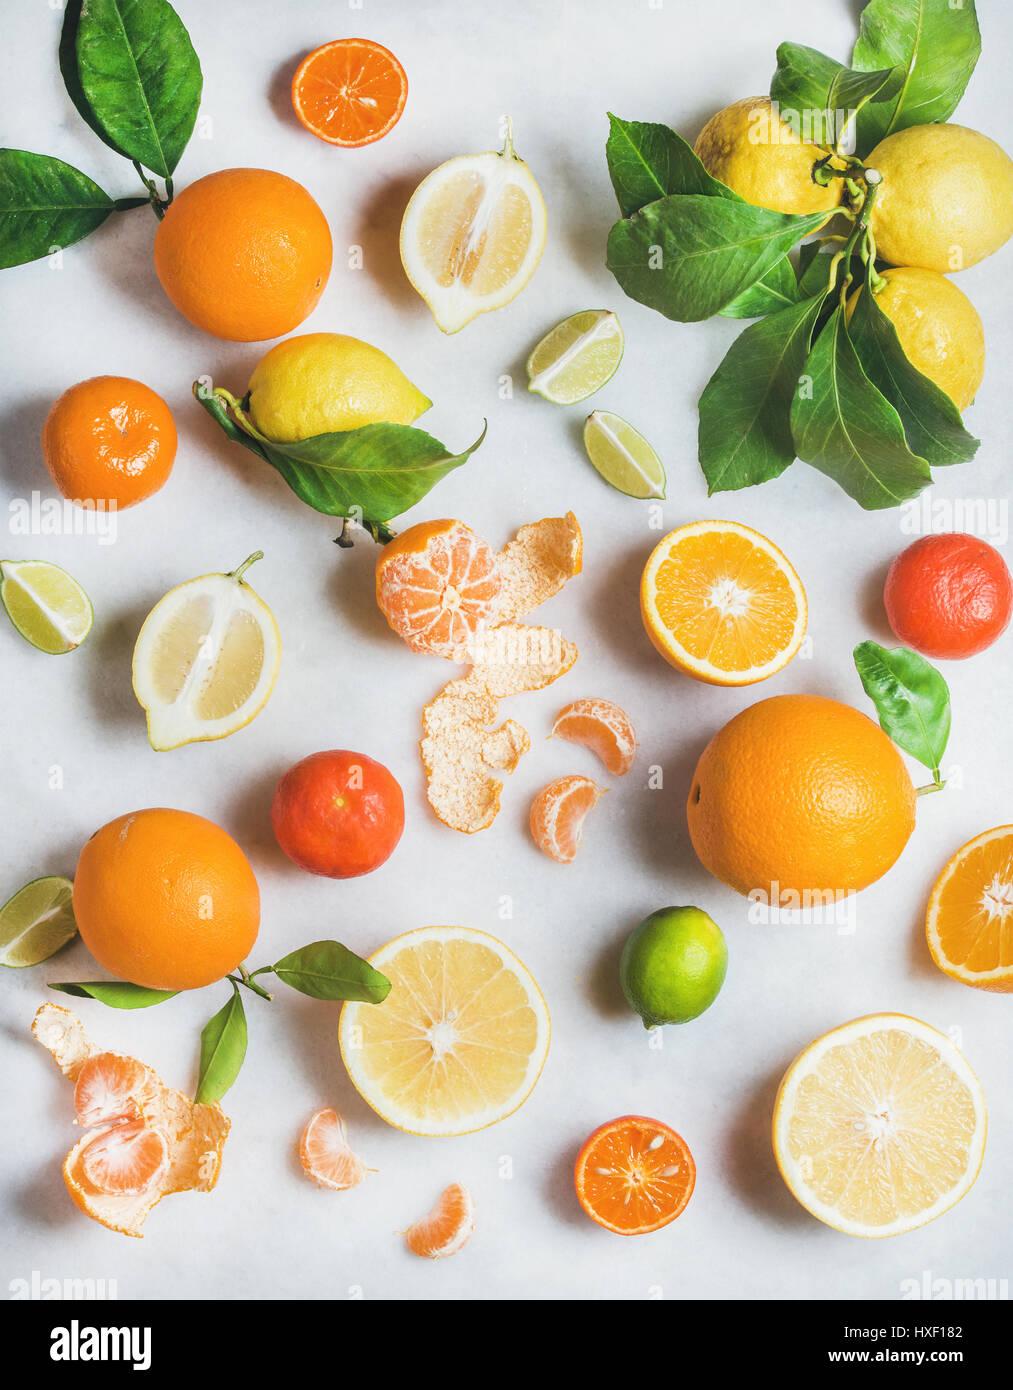 Variedad de frutos cítricos frescos para hacer batidos saludables Imagen De Stock